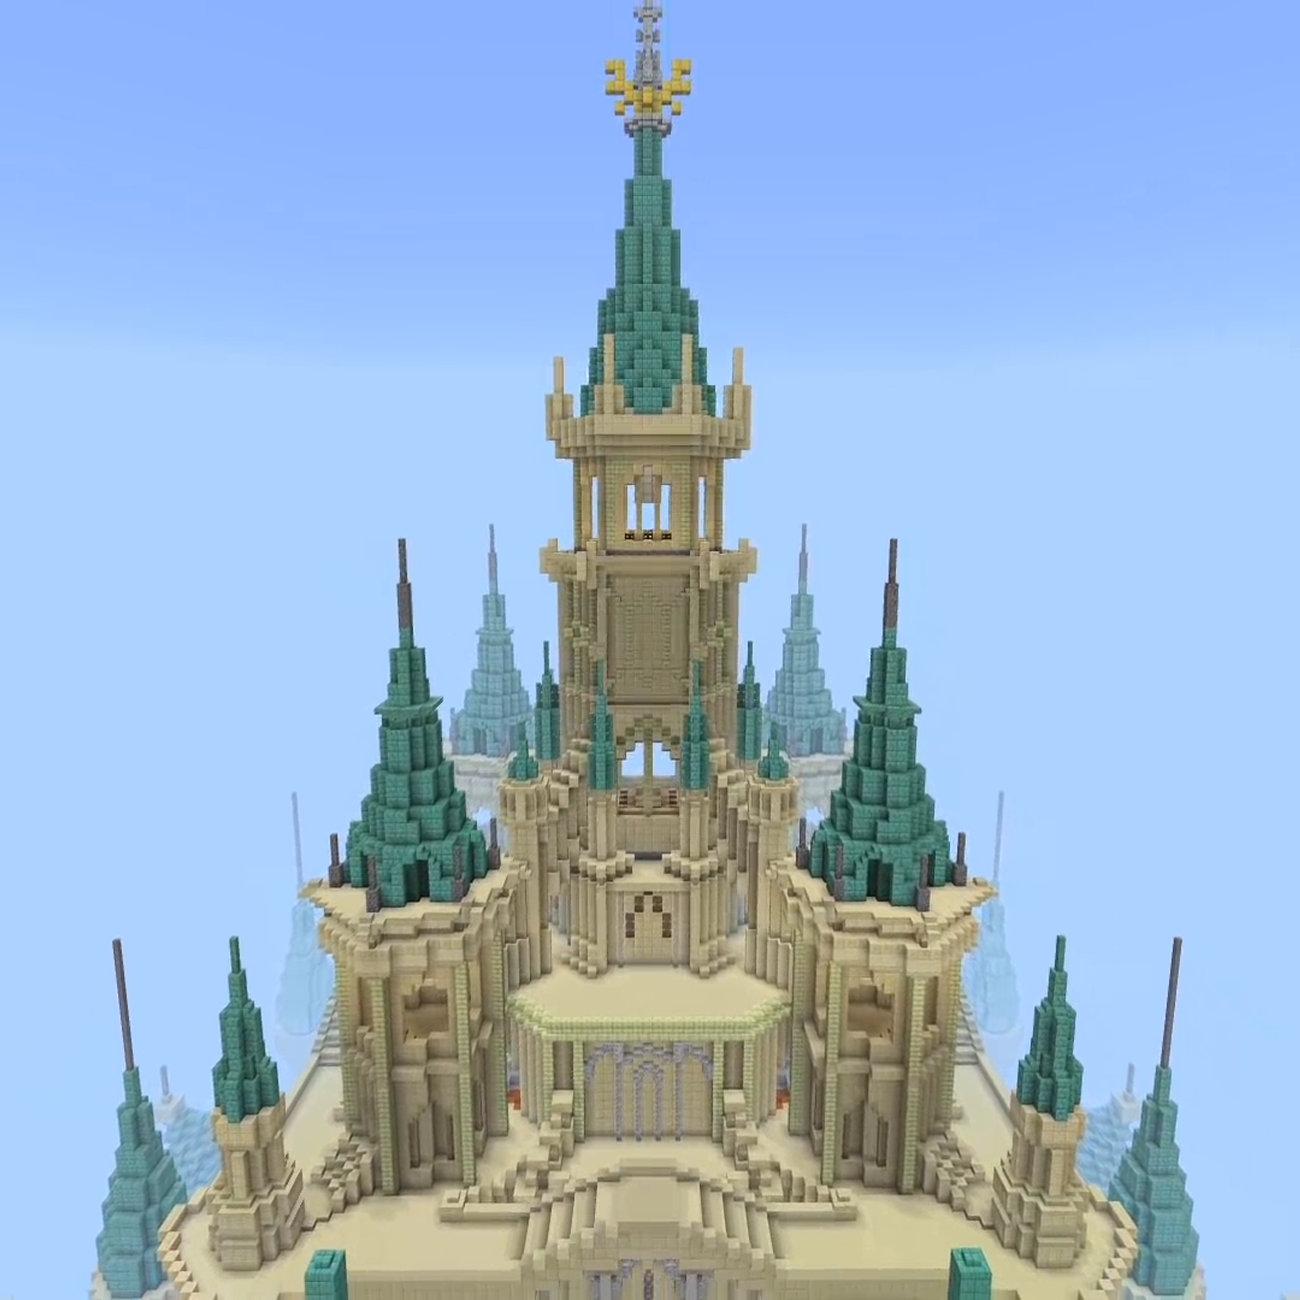 ゼルダの伝説 ブレス オブ ザ ワイルド、マイクラでハイラル城。前振り